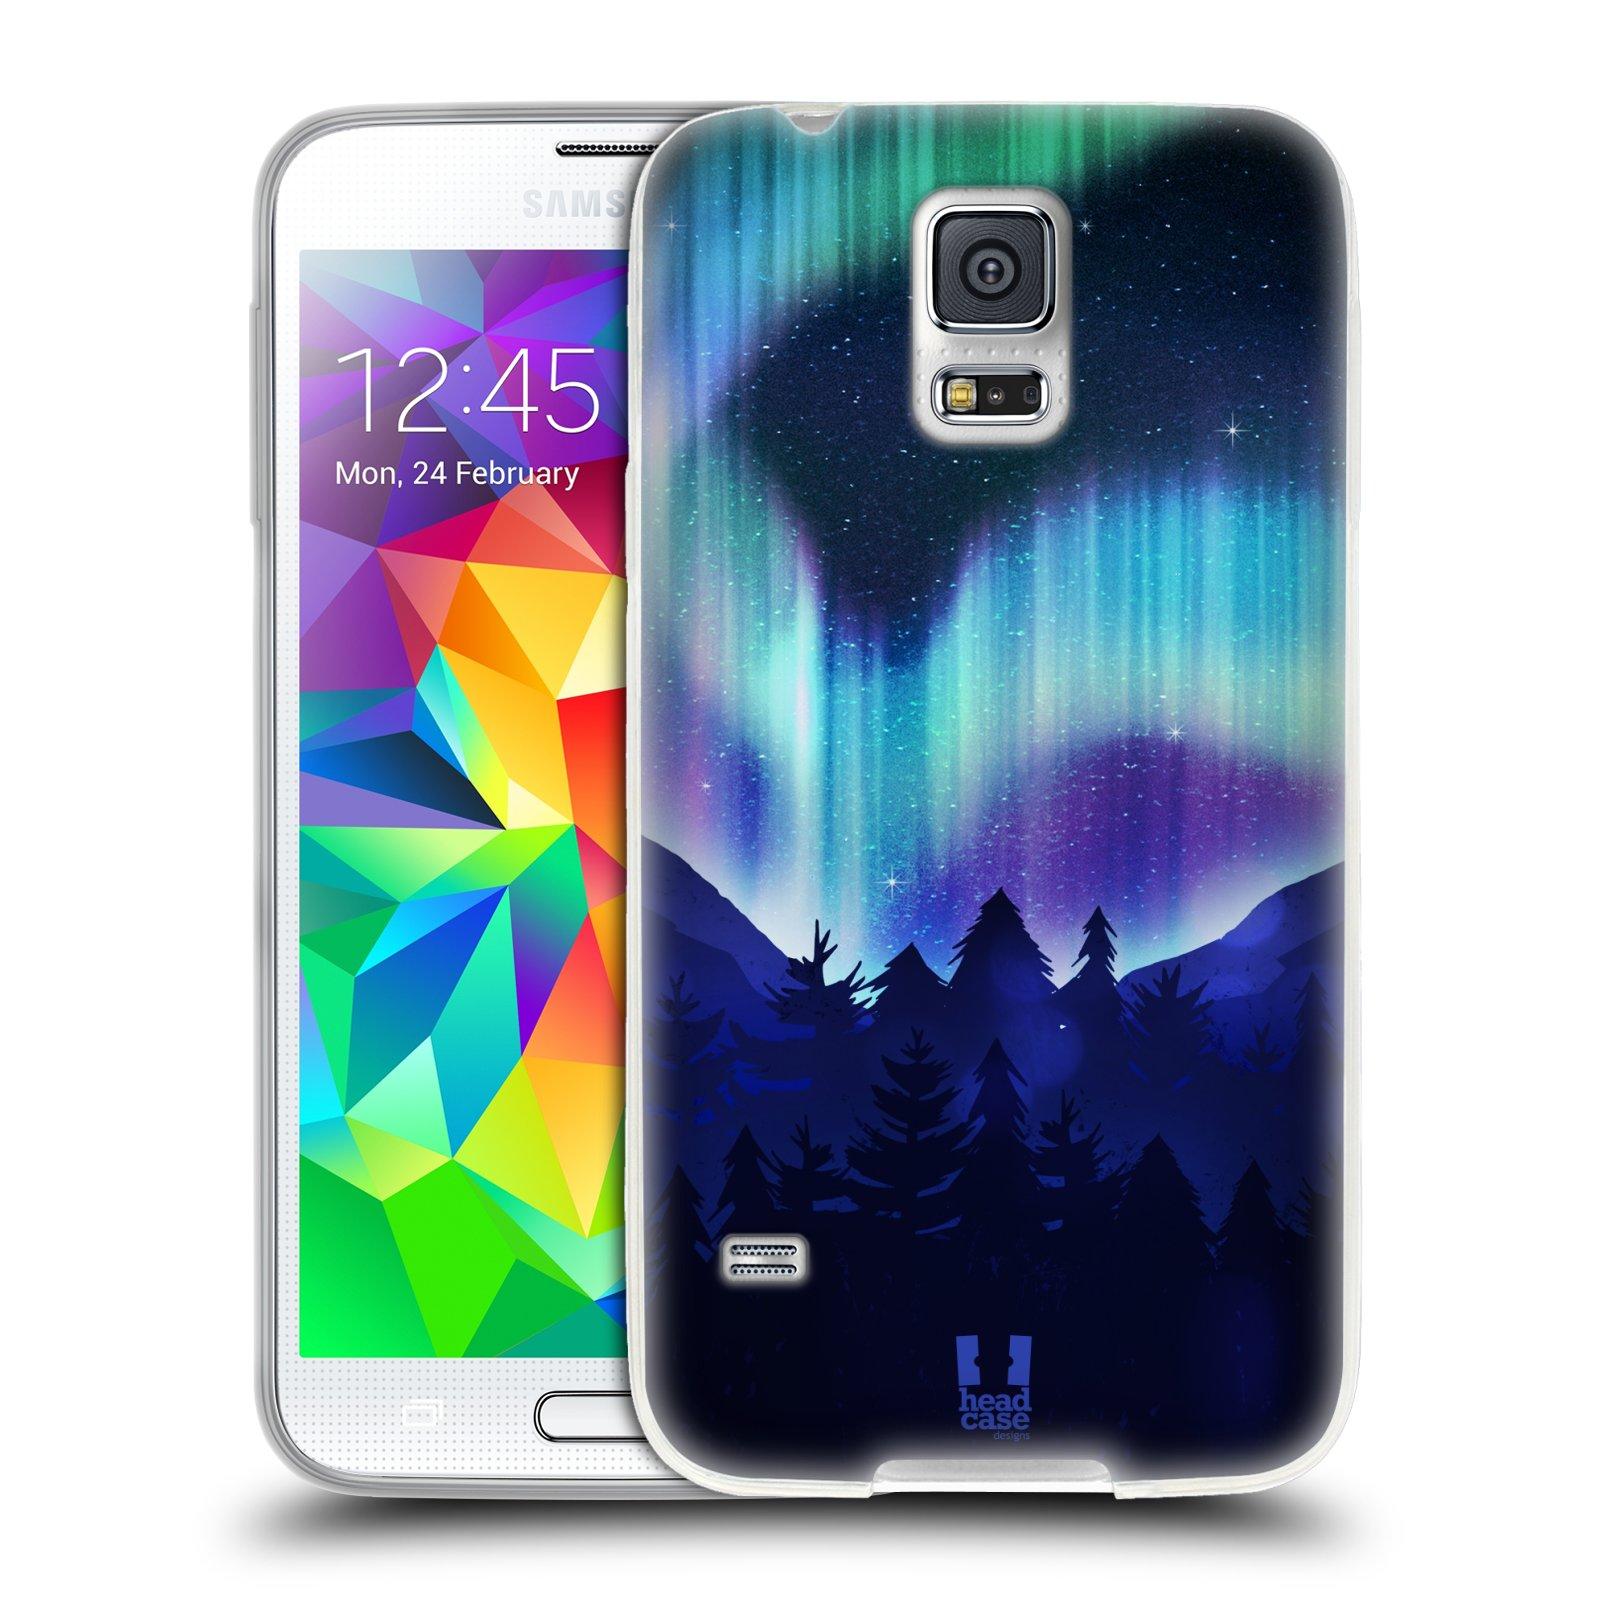 Silikonové pouzdro na mobil Samsung Galaxy S5 HEAD CASE Polární Záře Borovice (Silikonový kryt či obal na mobilní telefon Samsung Galaxy S5 SM-G900F)